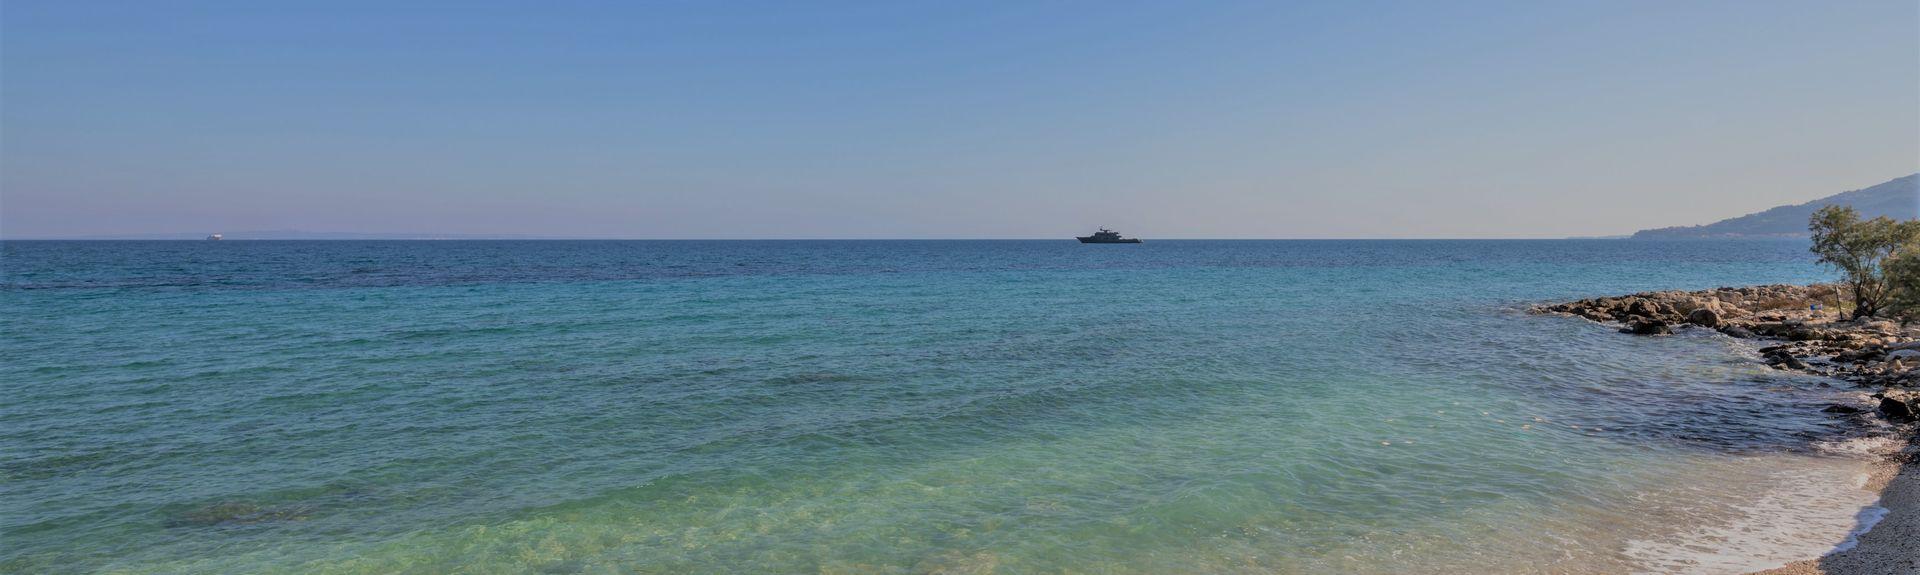 Hafen von Zakynthos, Zakynthos, Region der Ionischen Inseln, Griechenland